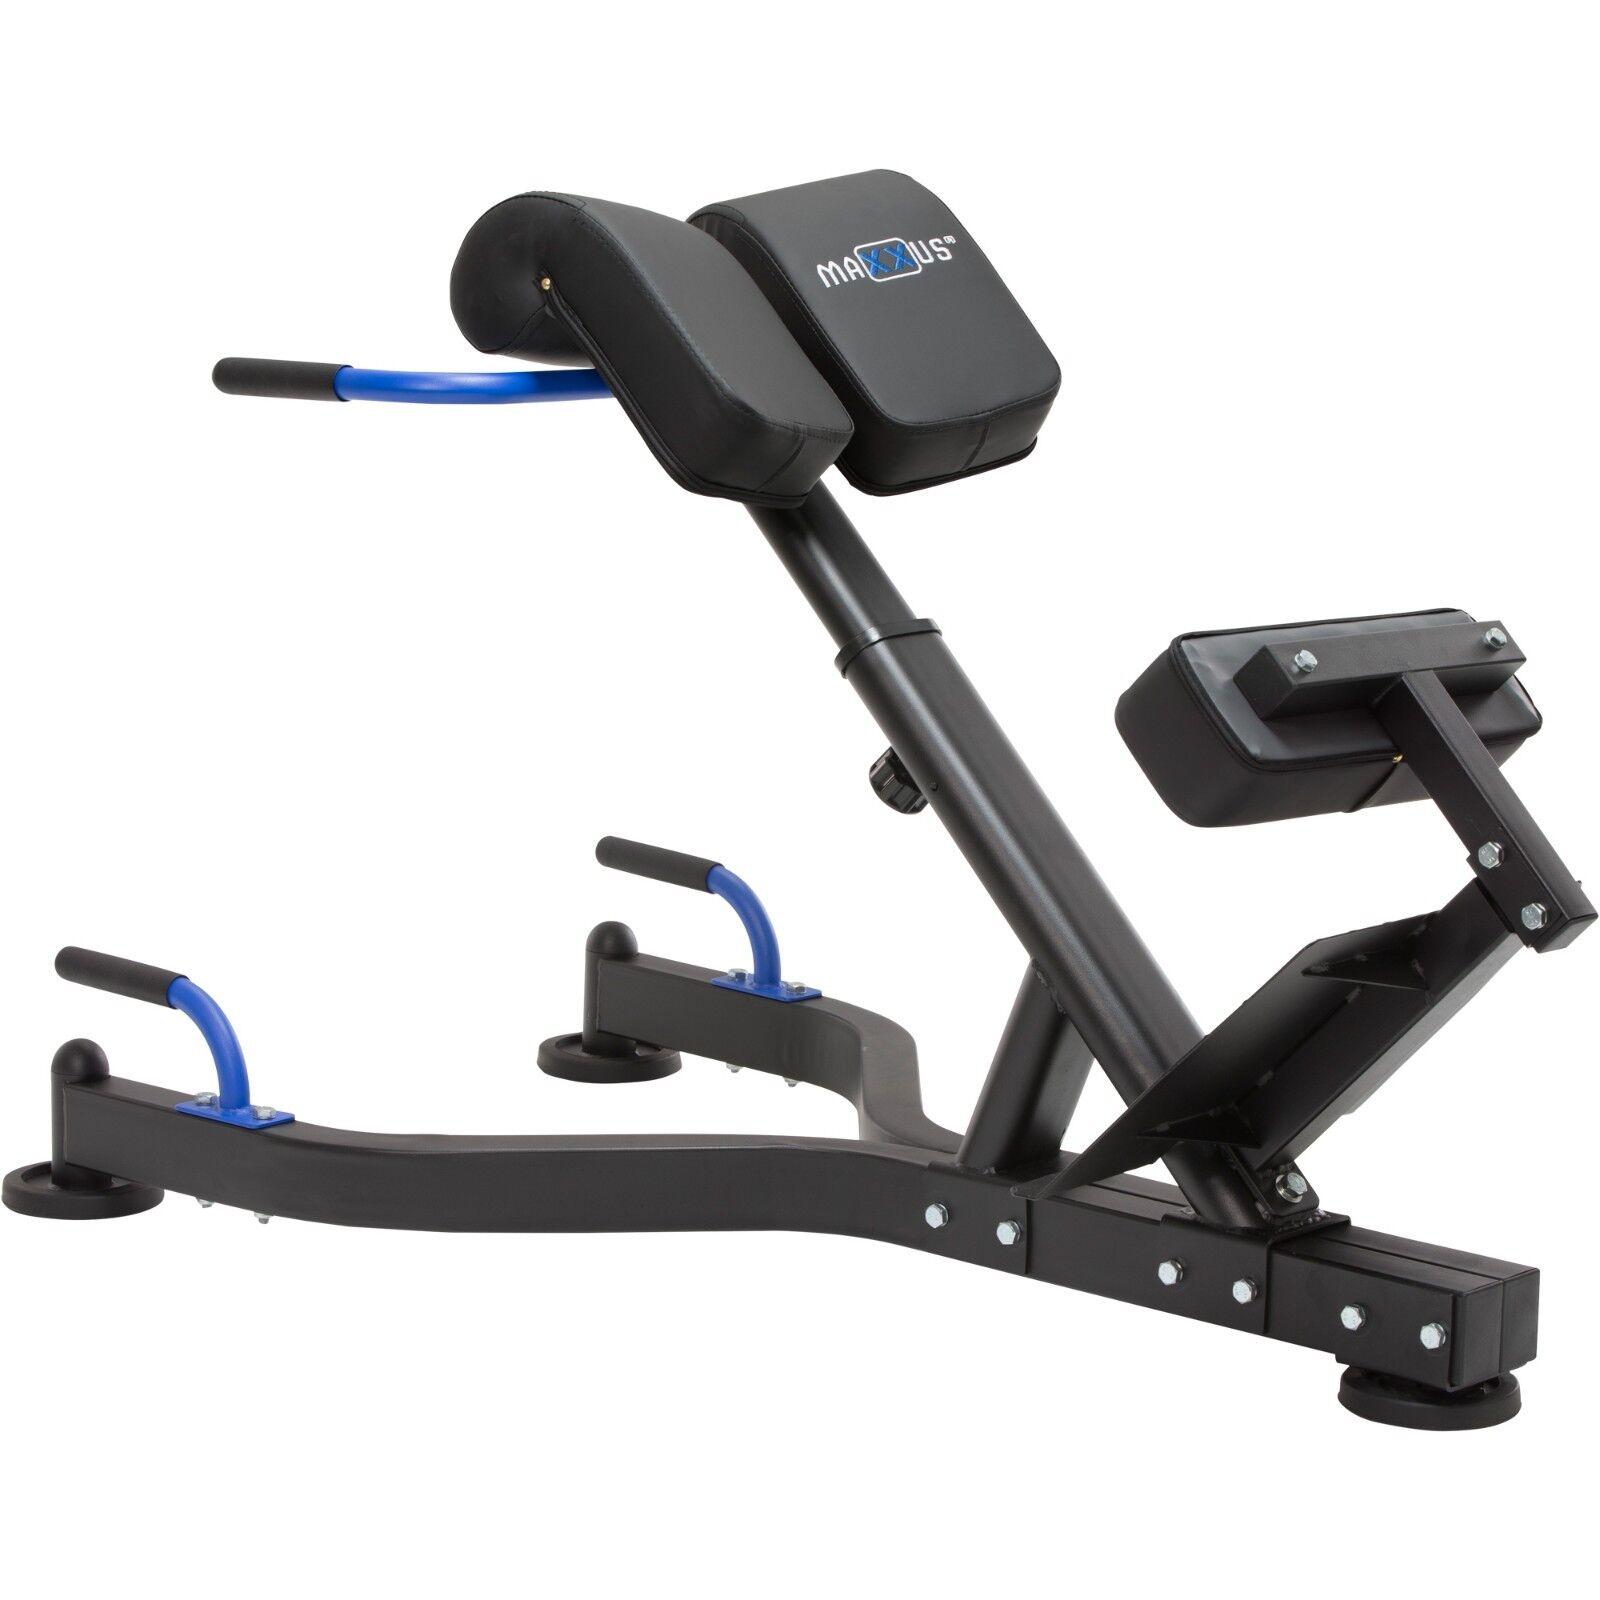 Maxxus hyperextension pro espalda entrenador entrenador de abdominales entrenamiento cintas ajustable